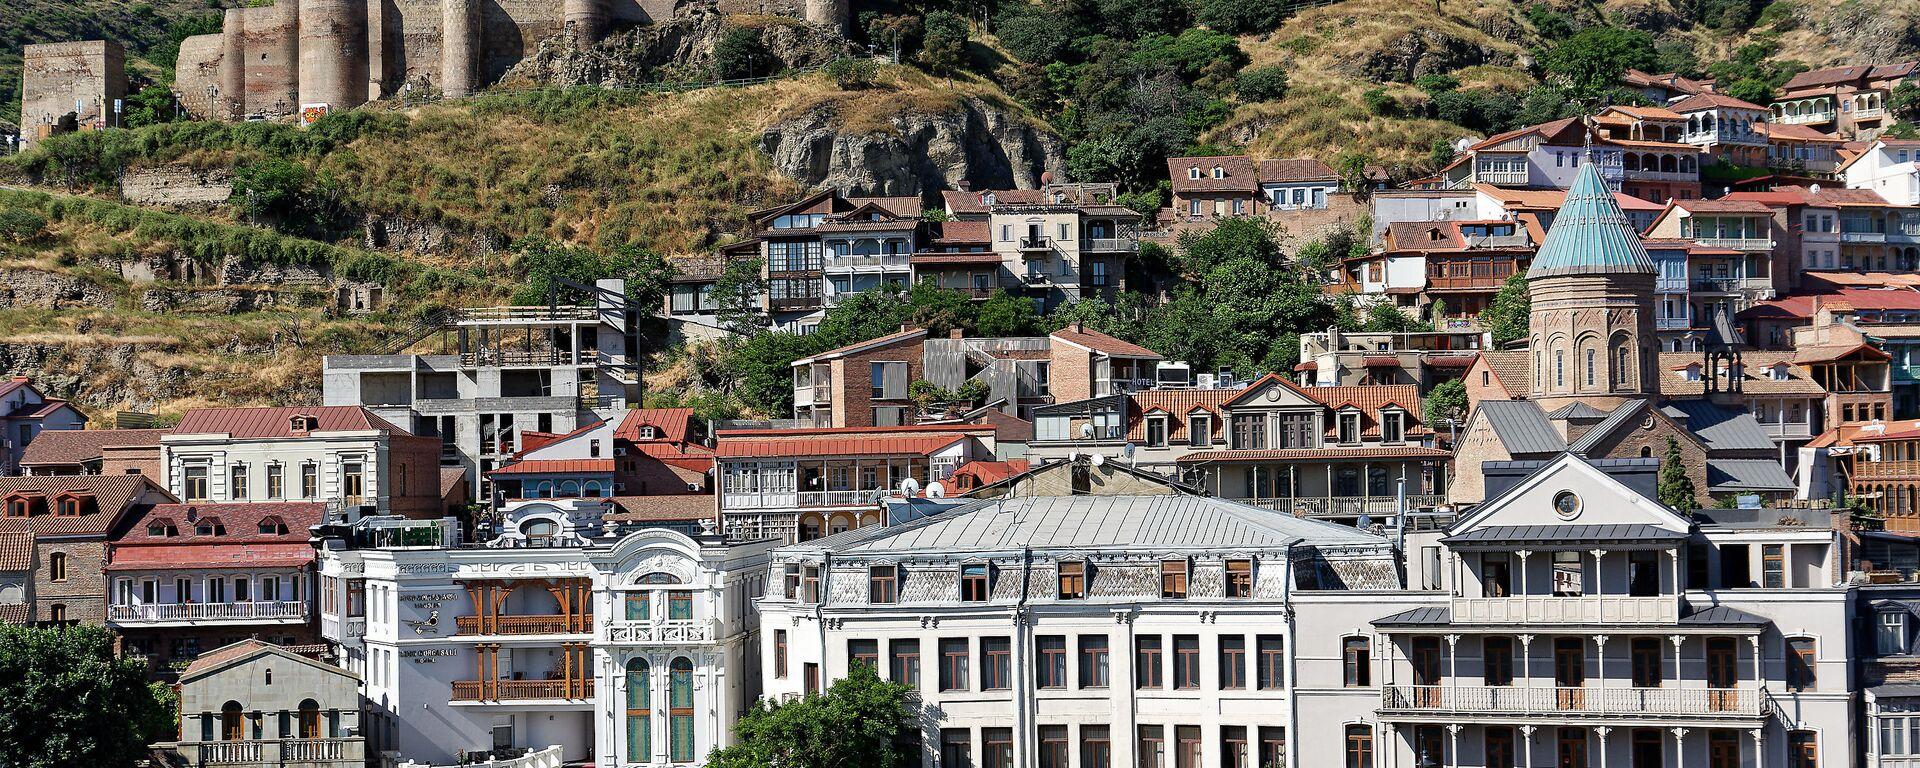 Вид на город Тбилиси - старый город, крепость Нарикала и Калаубани, церкви армянская и грузинская - Sputnik Грузия, 1920, 19.09.2021